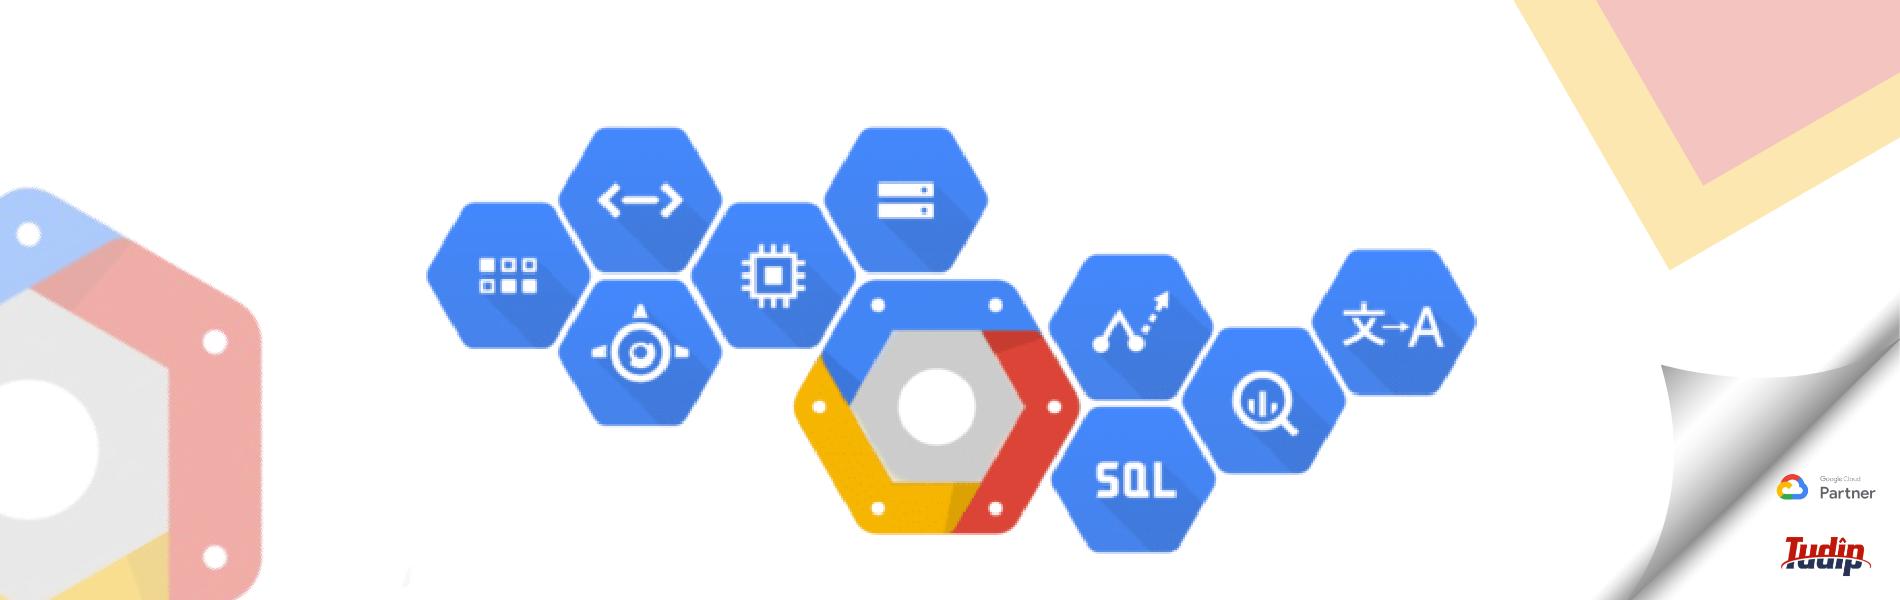 Understanding_Resource_Hierarchy_in_Google_Cloud_changed_website